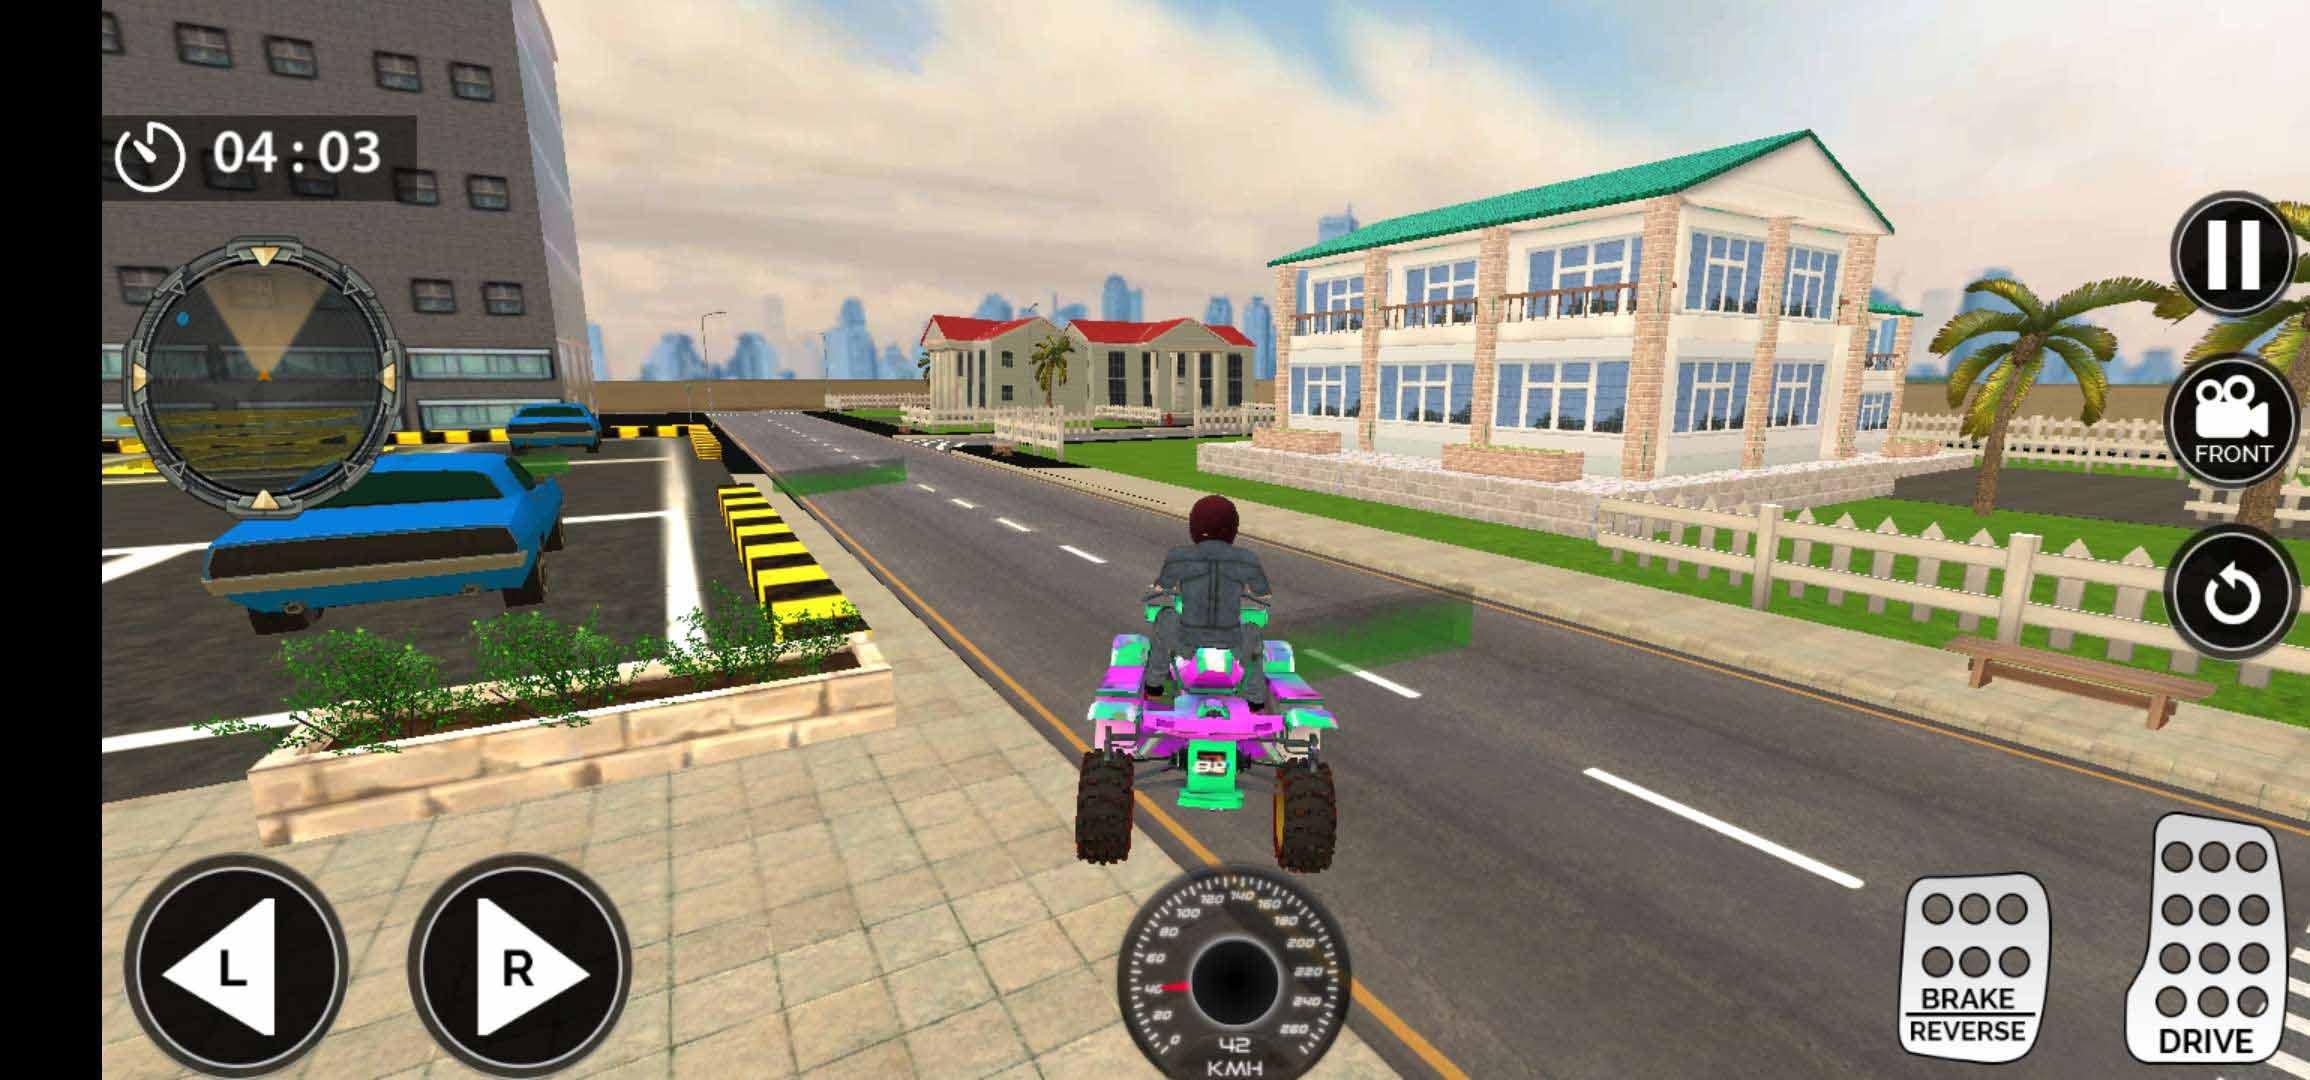 极限屋顶四轮摩托车手游app截图